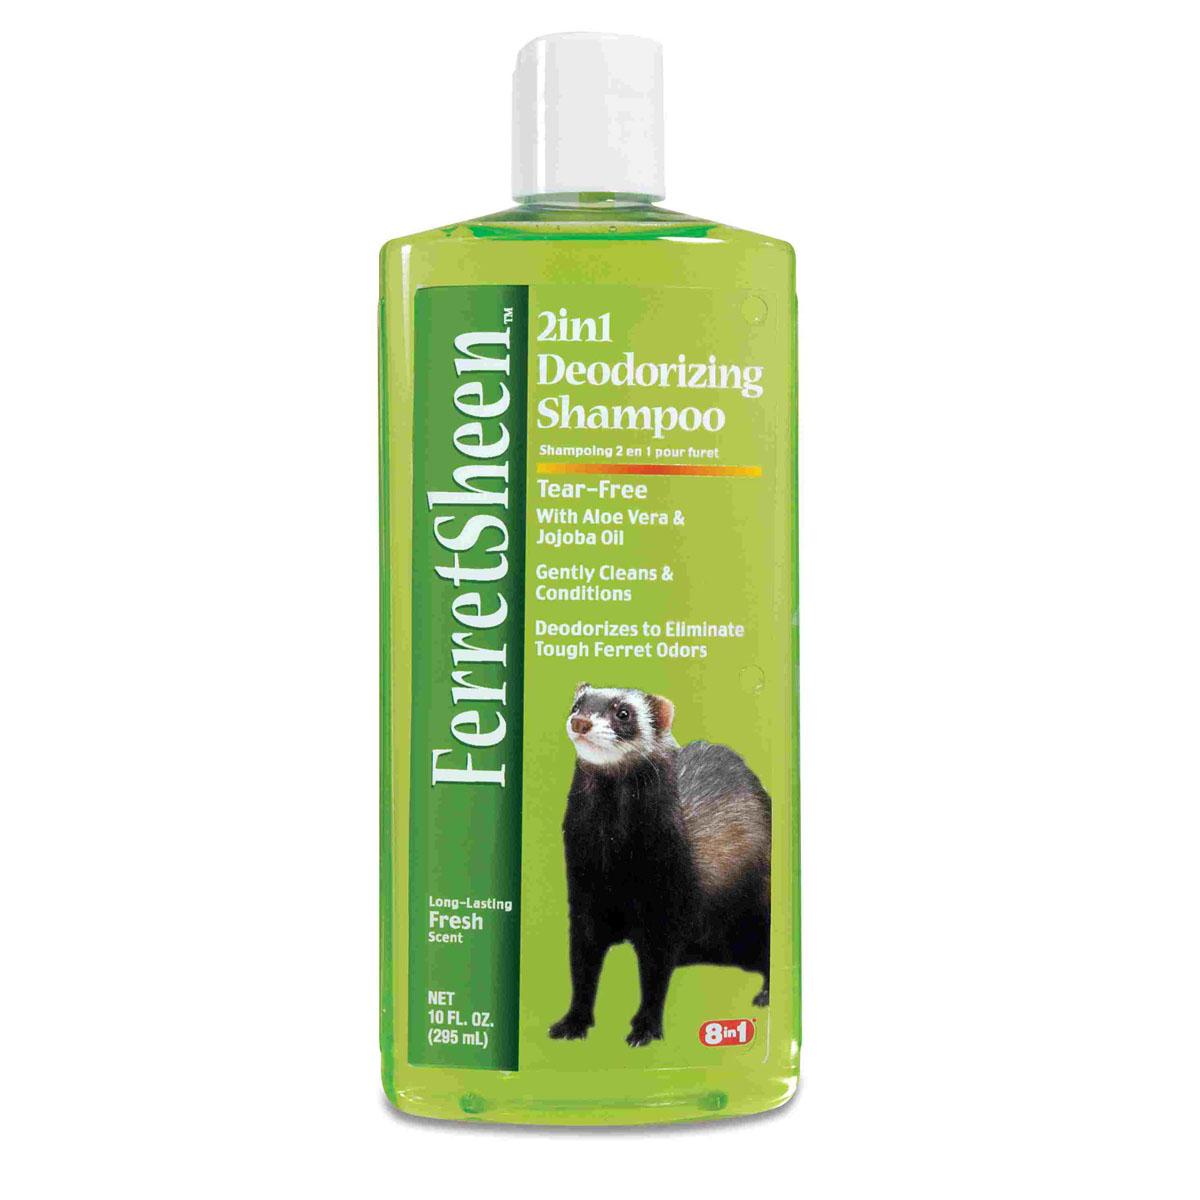 Шампунь для хорьков 8 in1 Shampoo Ferretsheen Deodorizing, дезодорирующий, 295 мл42509Шампунь для хорьков дезодорирующий содержит мощные микро-капсулированные ферменты, которые эффективно борются с резким неприятным запахом.Масло жожоба и алоэ вера смягчают кожу и ухаживают за шерстью, позволяя ей выглядеть наилучшим образом. Шампунь не раздражает кожу.После купания шерсть хорька надолго сохраняет приятный аромат огурца и дыни. Полностью намочите шерсть хорька, нанесите шампунь и вспеньте. Для достижения наилучшего результата оставьте шампунь на шерсти в течение нескольких минут, втирая его массажными движениями. Хорошо смойте водой, насухо вытрите и расчешите шерсть зверька.